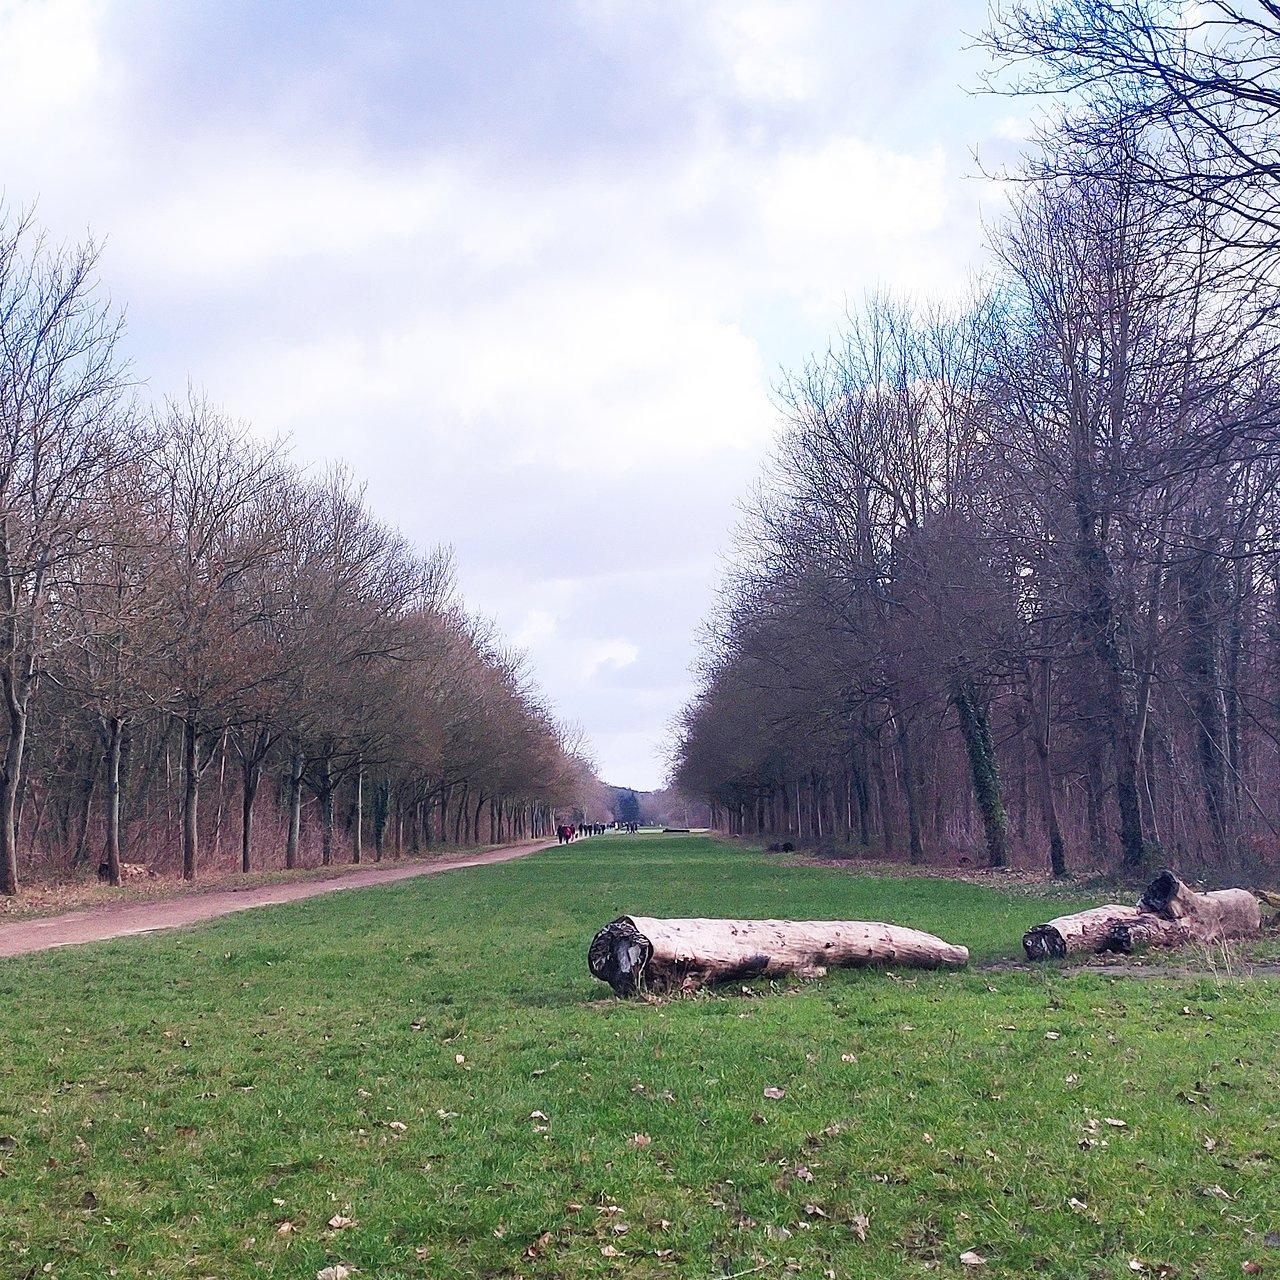 Δάσος του Βενσέν (Παρίσι, Γαλλία) - Κριτικές - Tripadvisor